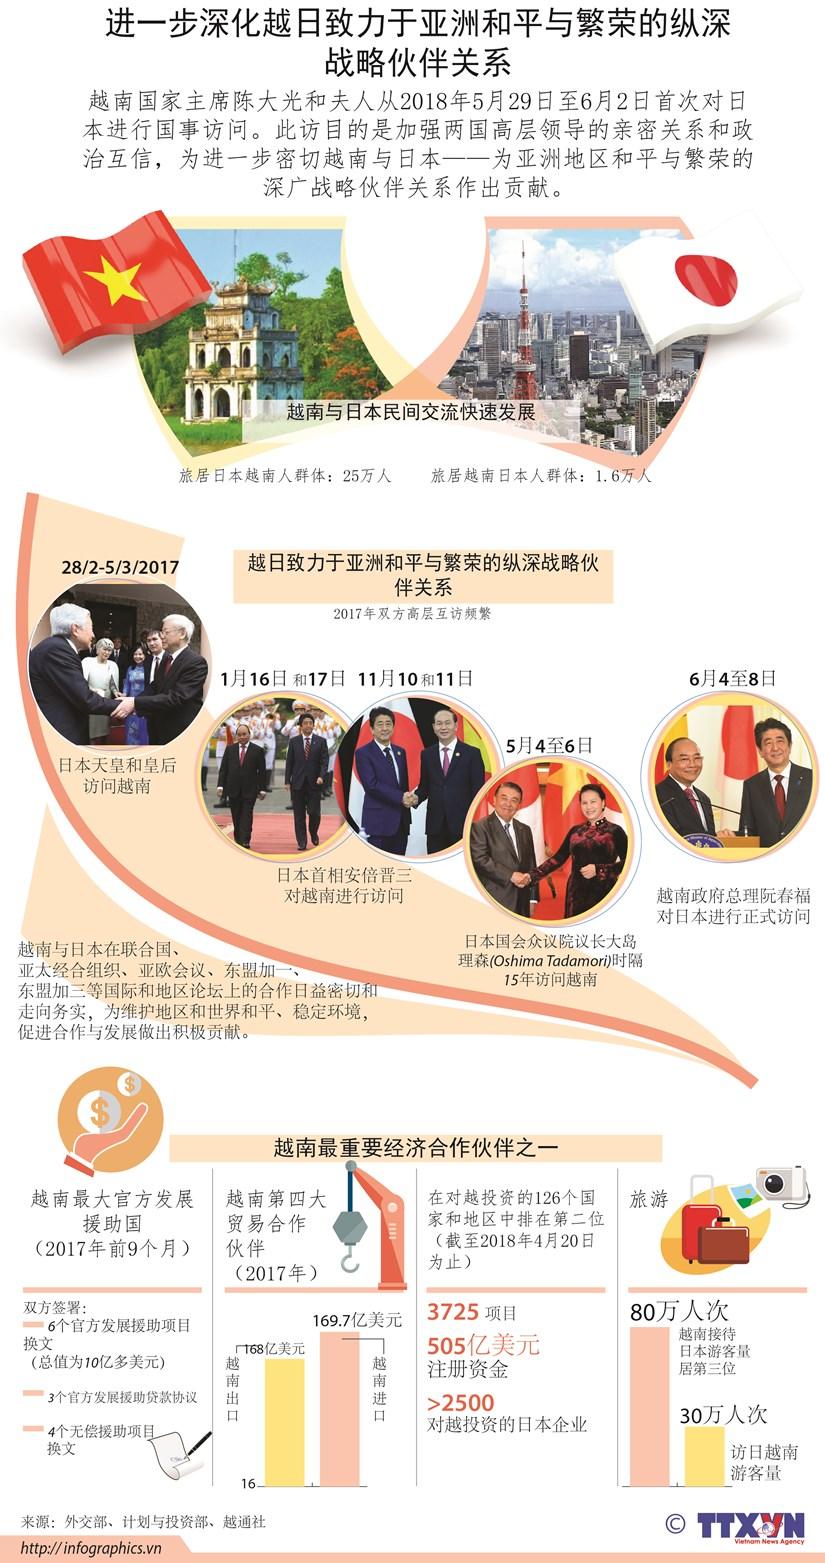 图表新闻:进一步深化越日致力于亚洲和平与繁荣的纵深战略伙伴关系 hinh anh 1